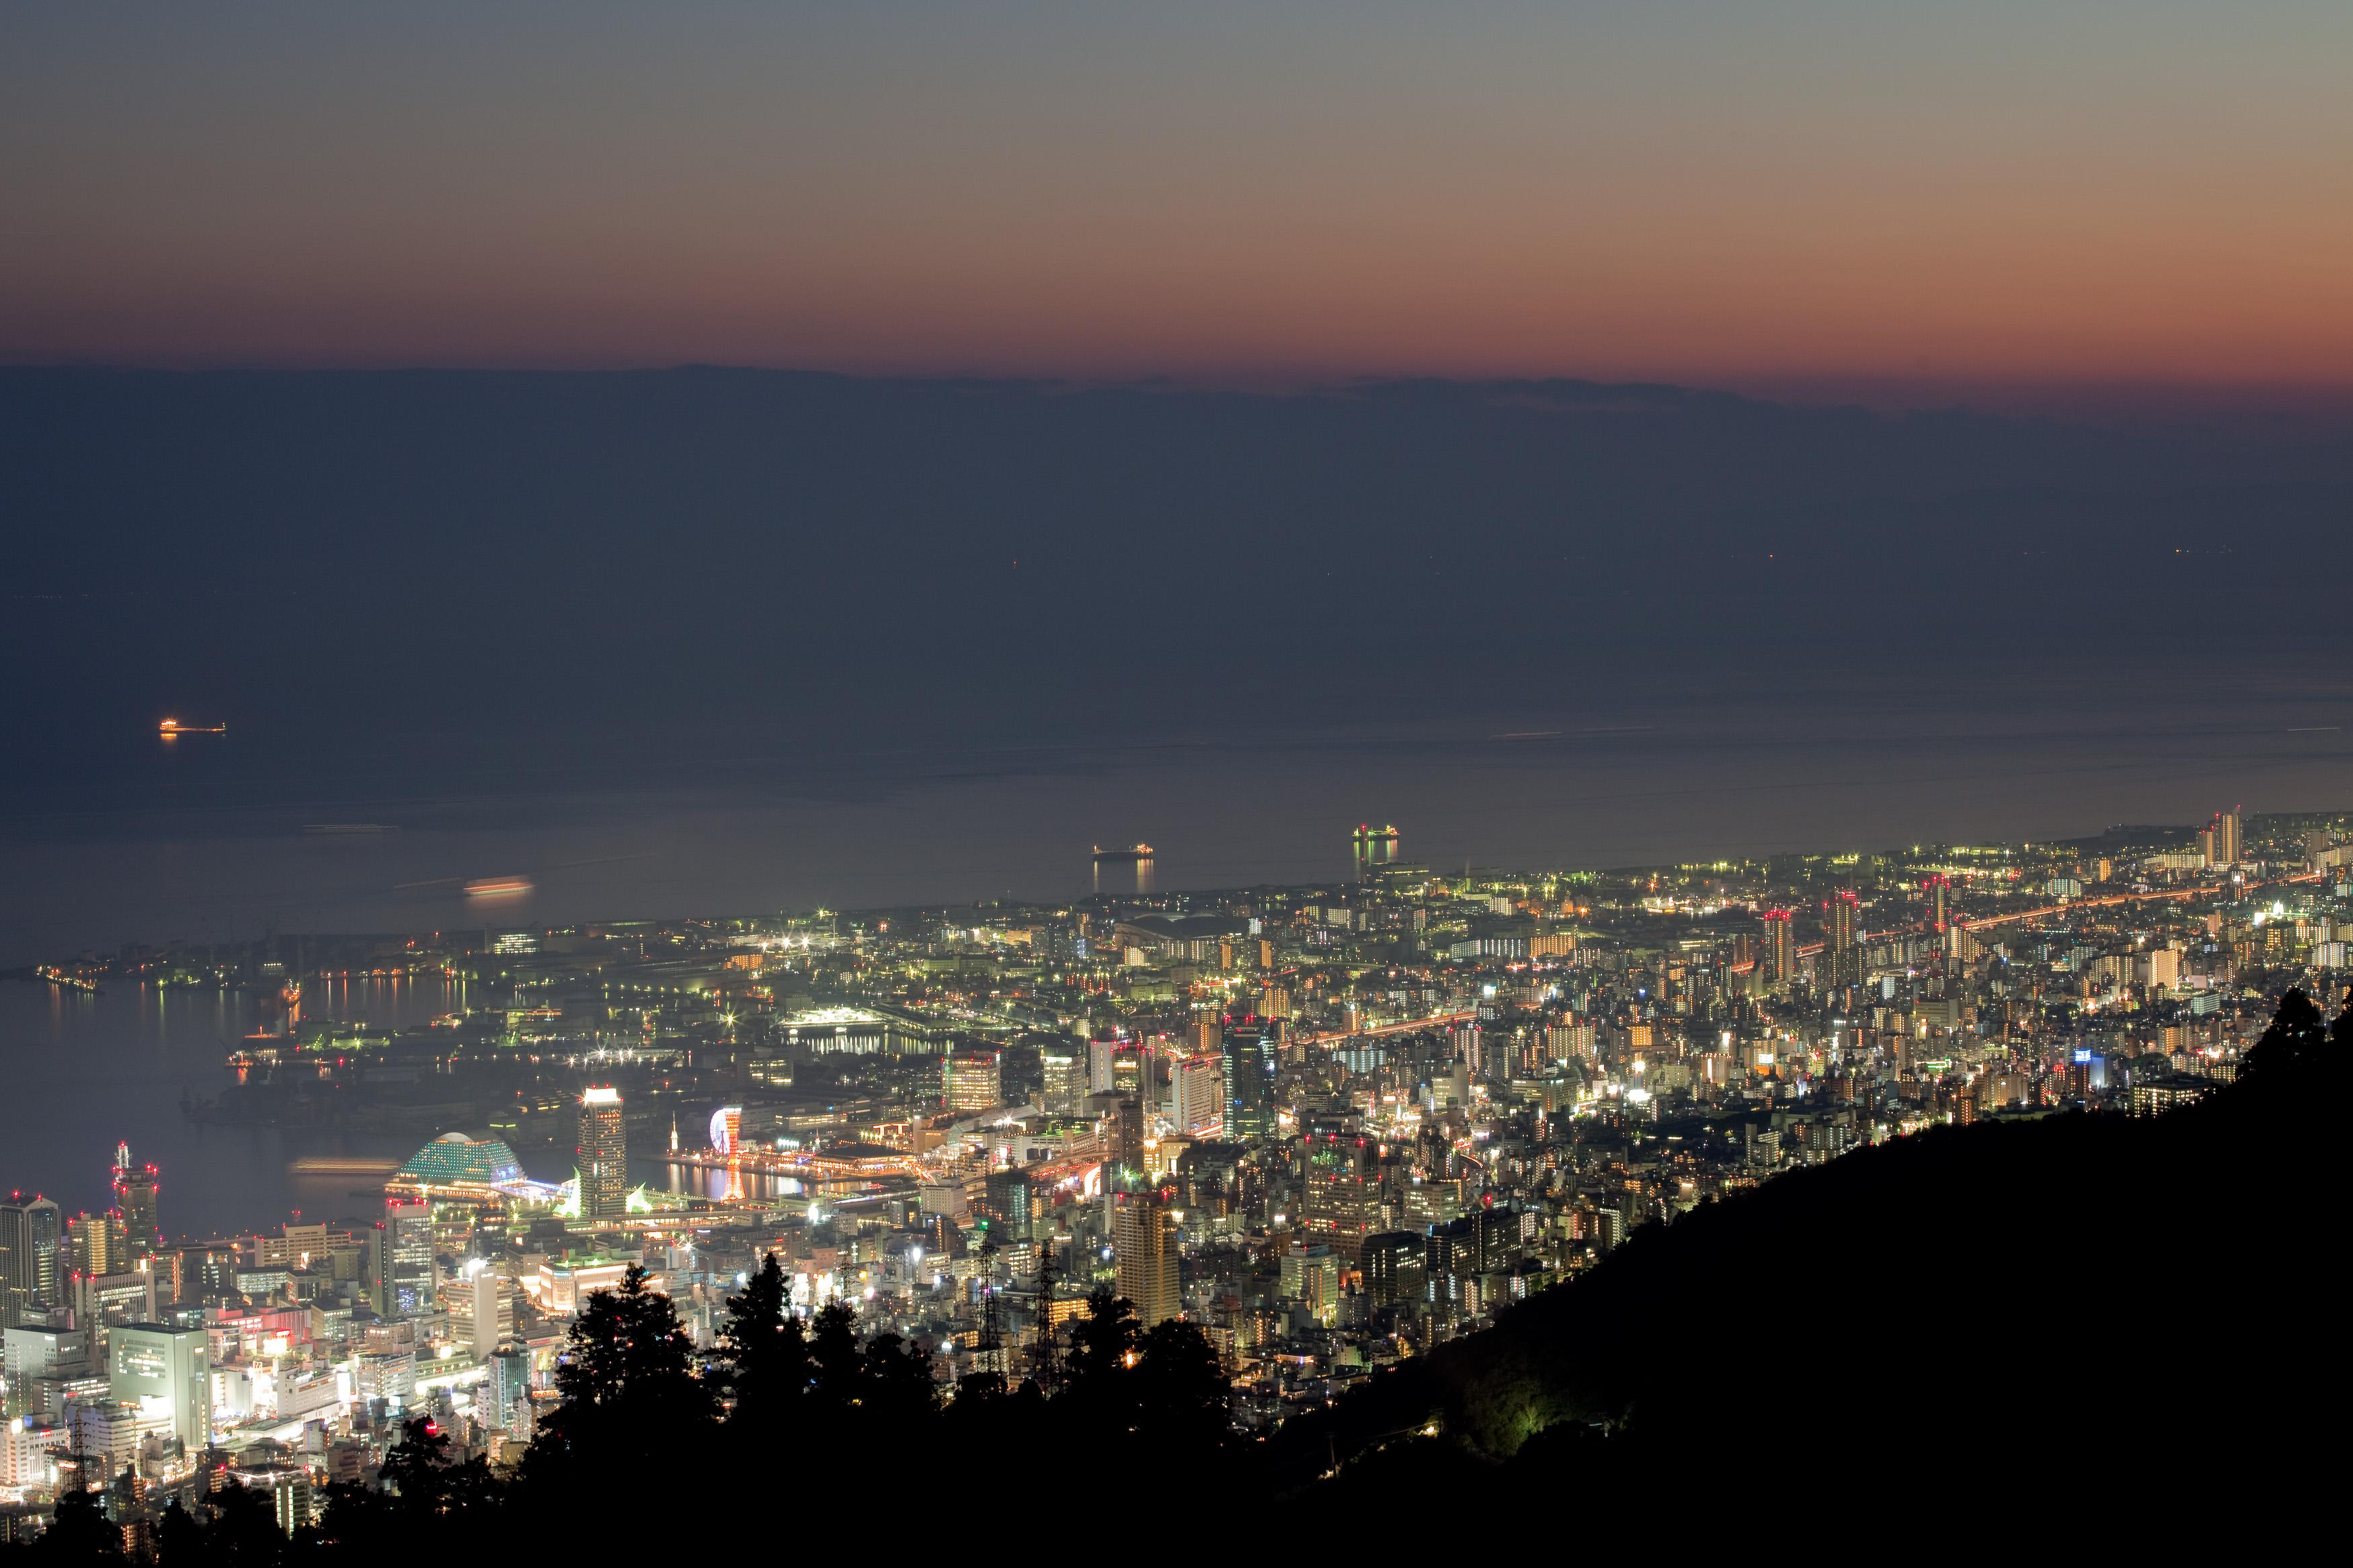 Kobe downtown at night. HD Wallpaper ...